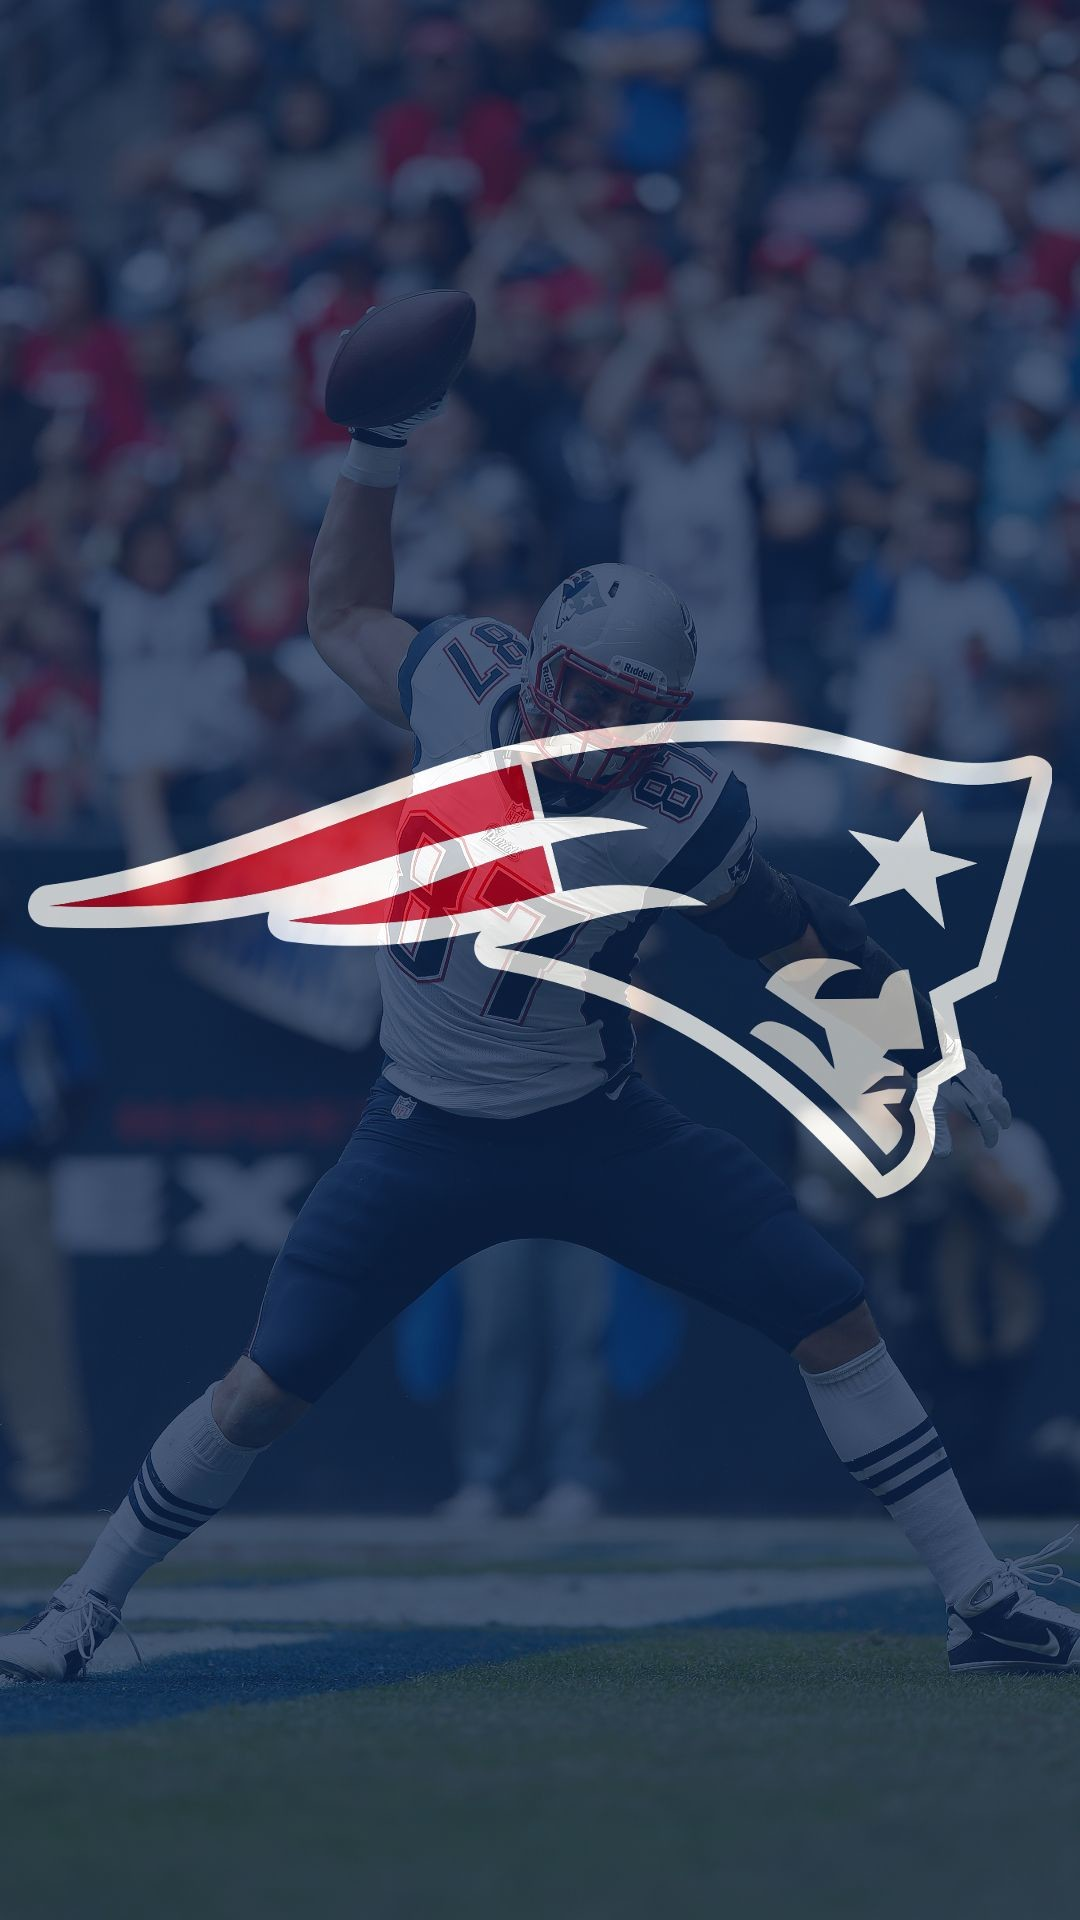 Patriots Super Bowl Wallpaper Li Iphone Wallpaper Logo - Gameday New England Patriots - HD Wallpaper